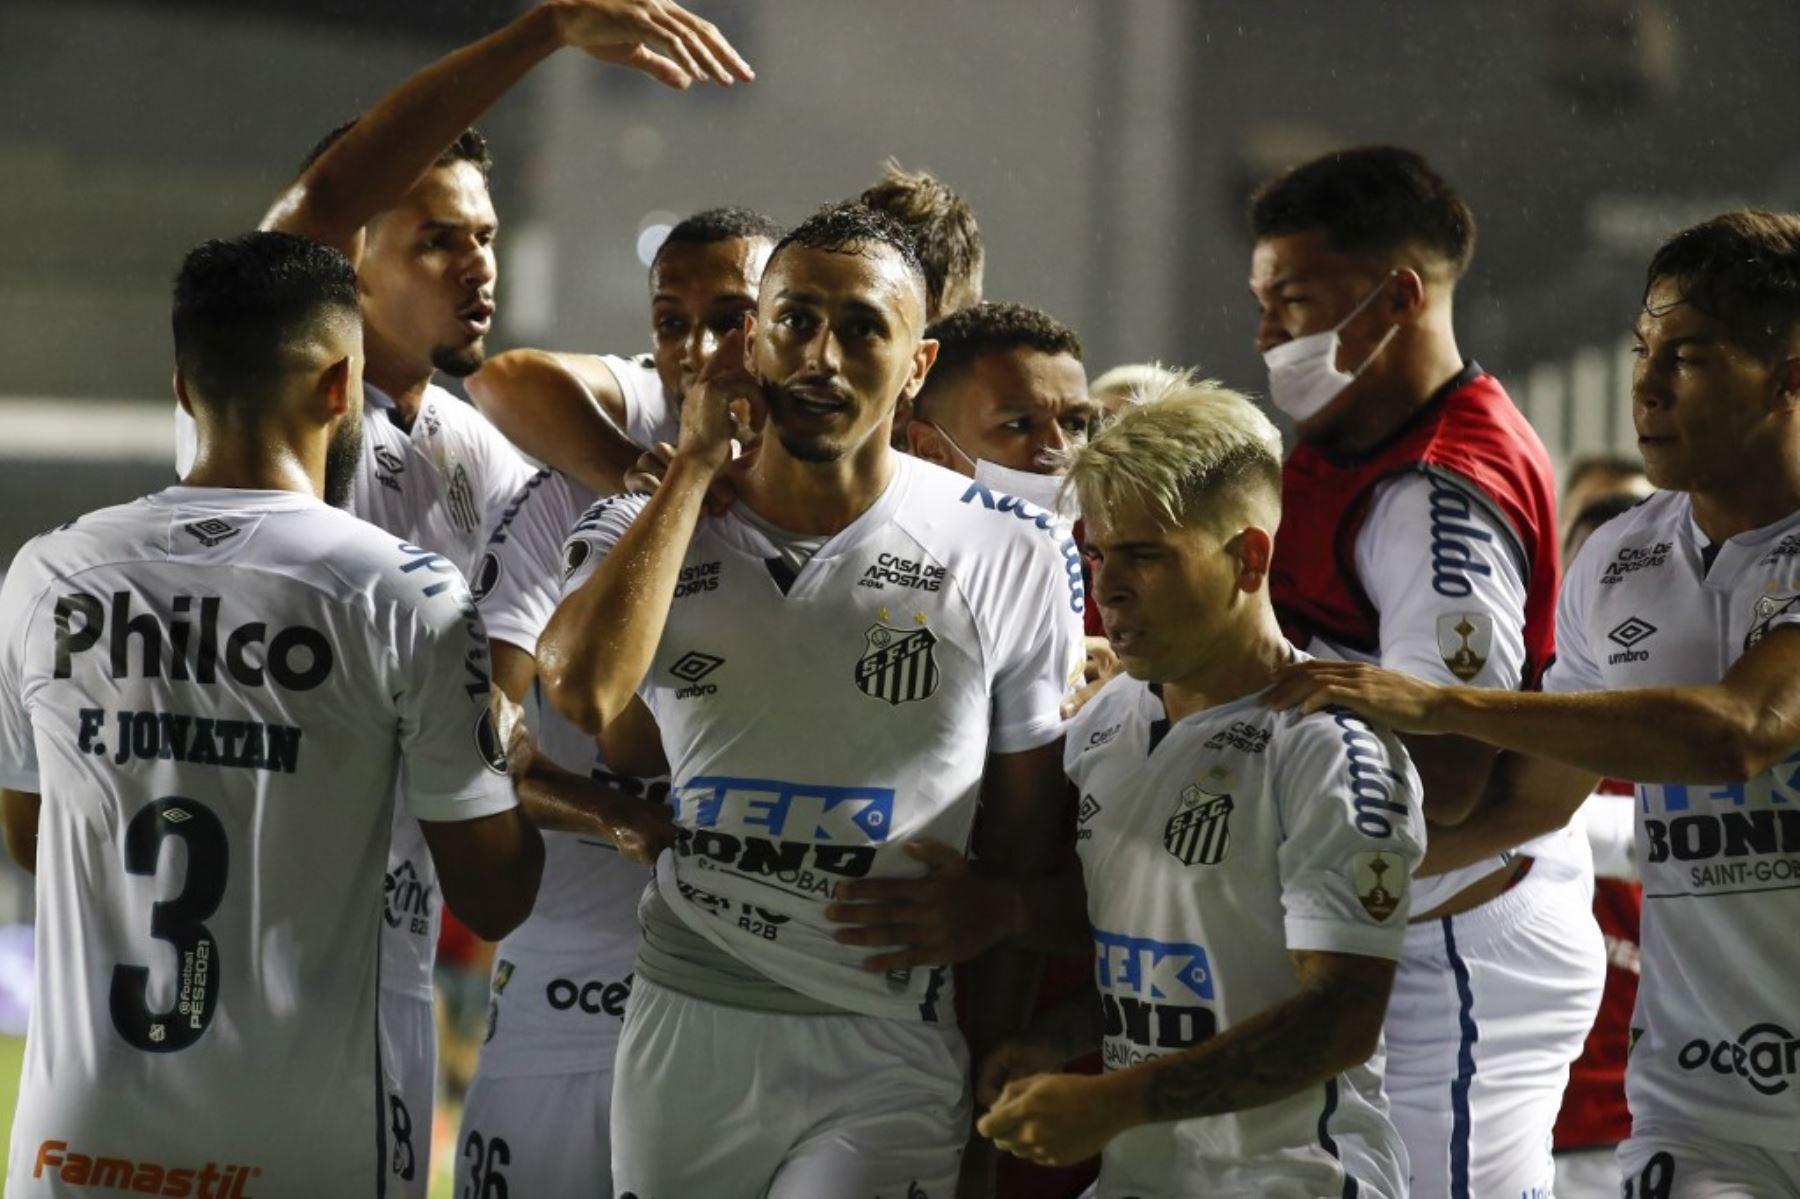 El brasileño Santos Diego Pituca (C) celebra con sus compañeros tras anotar contra el argentino Boca Juniors durante el partido de fútbol de la semifinal de la Copa Libertadores en el estadio Vila Belmiro de Santos, Brasil. Foto: AFP